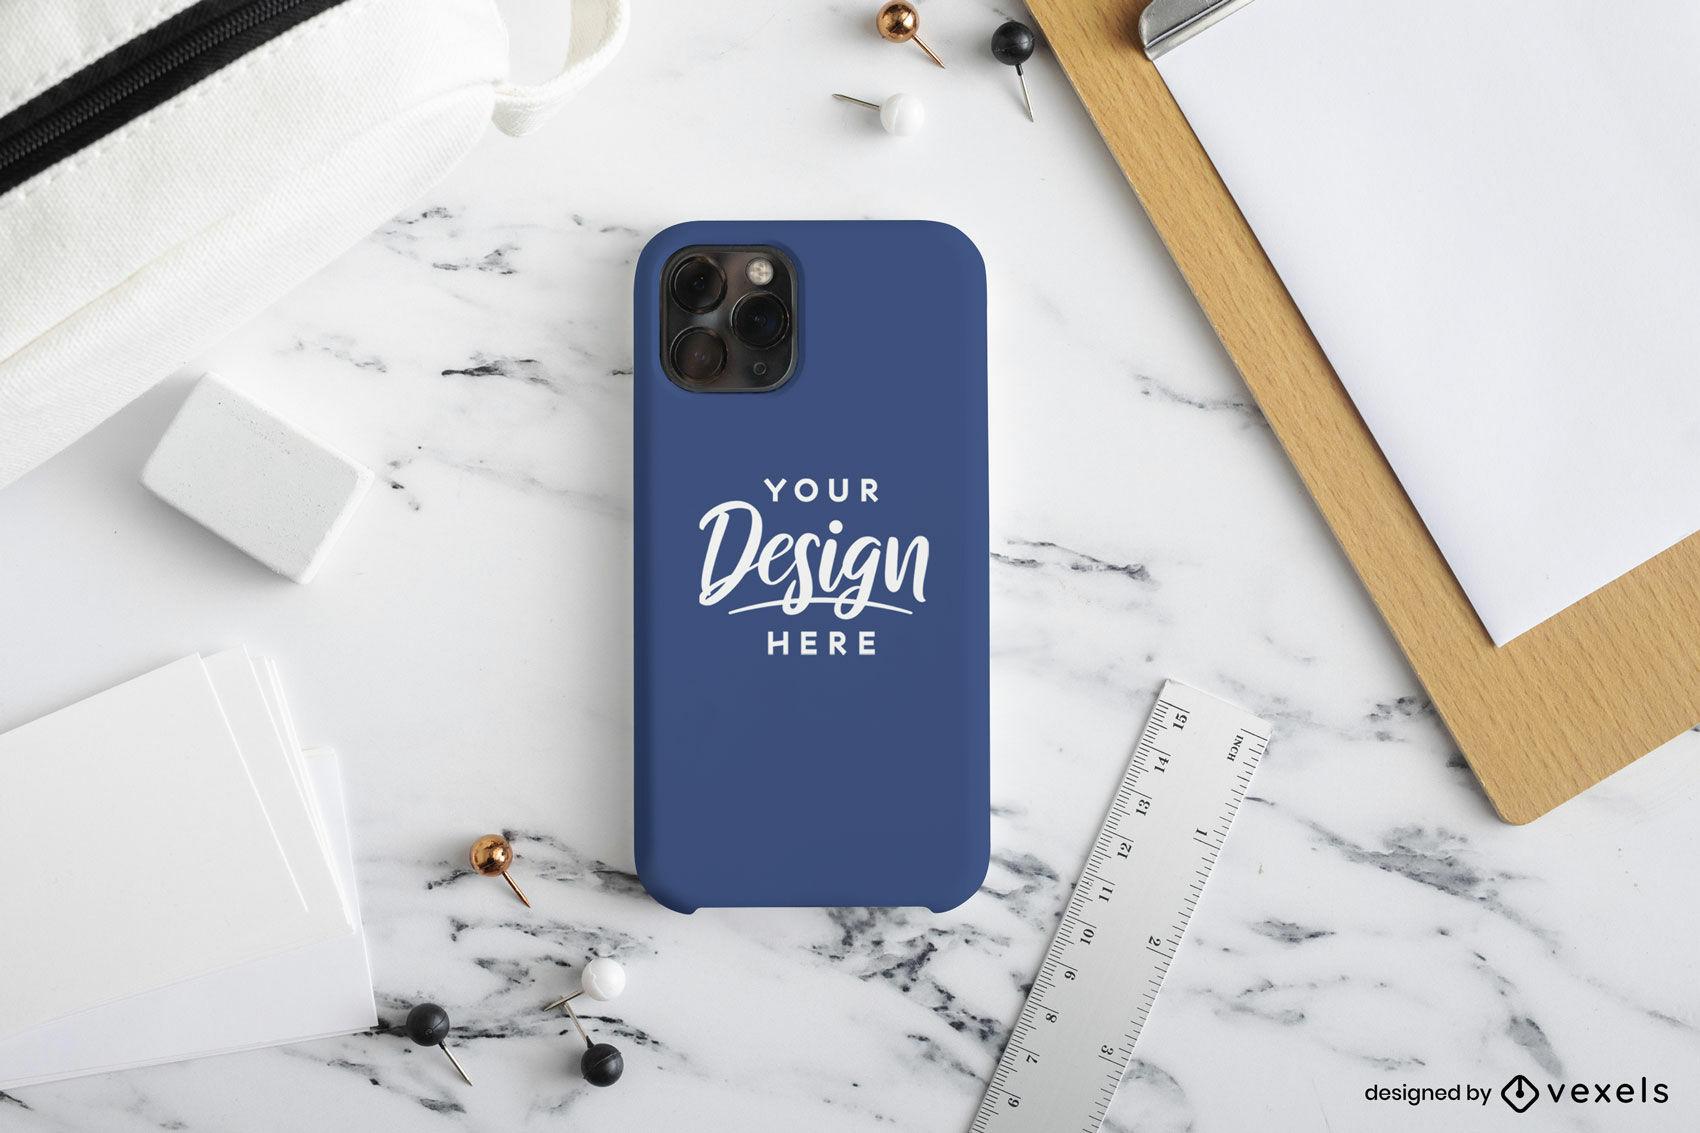 Blaues Handyhüllenmodell in Marmortisch